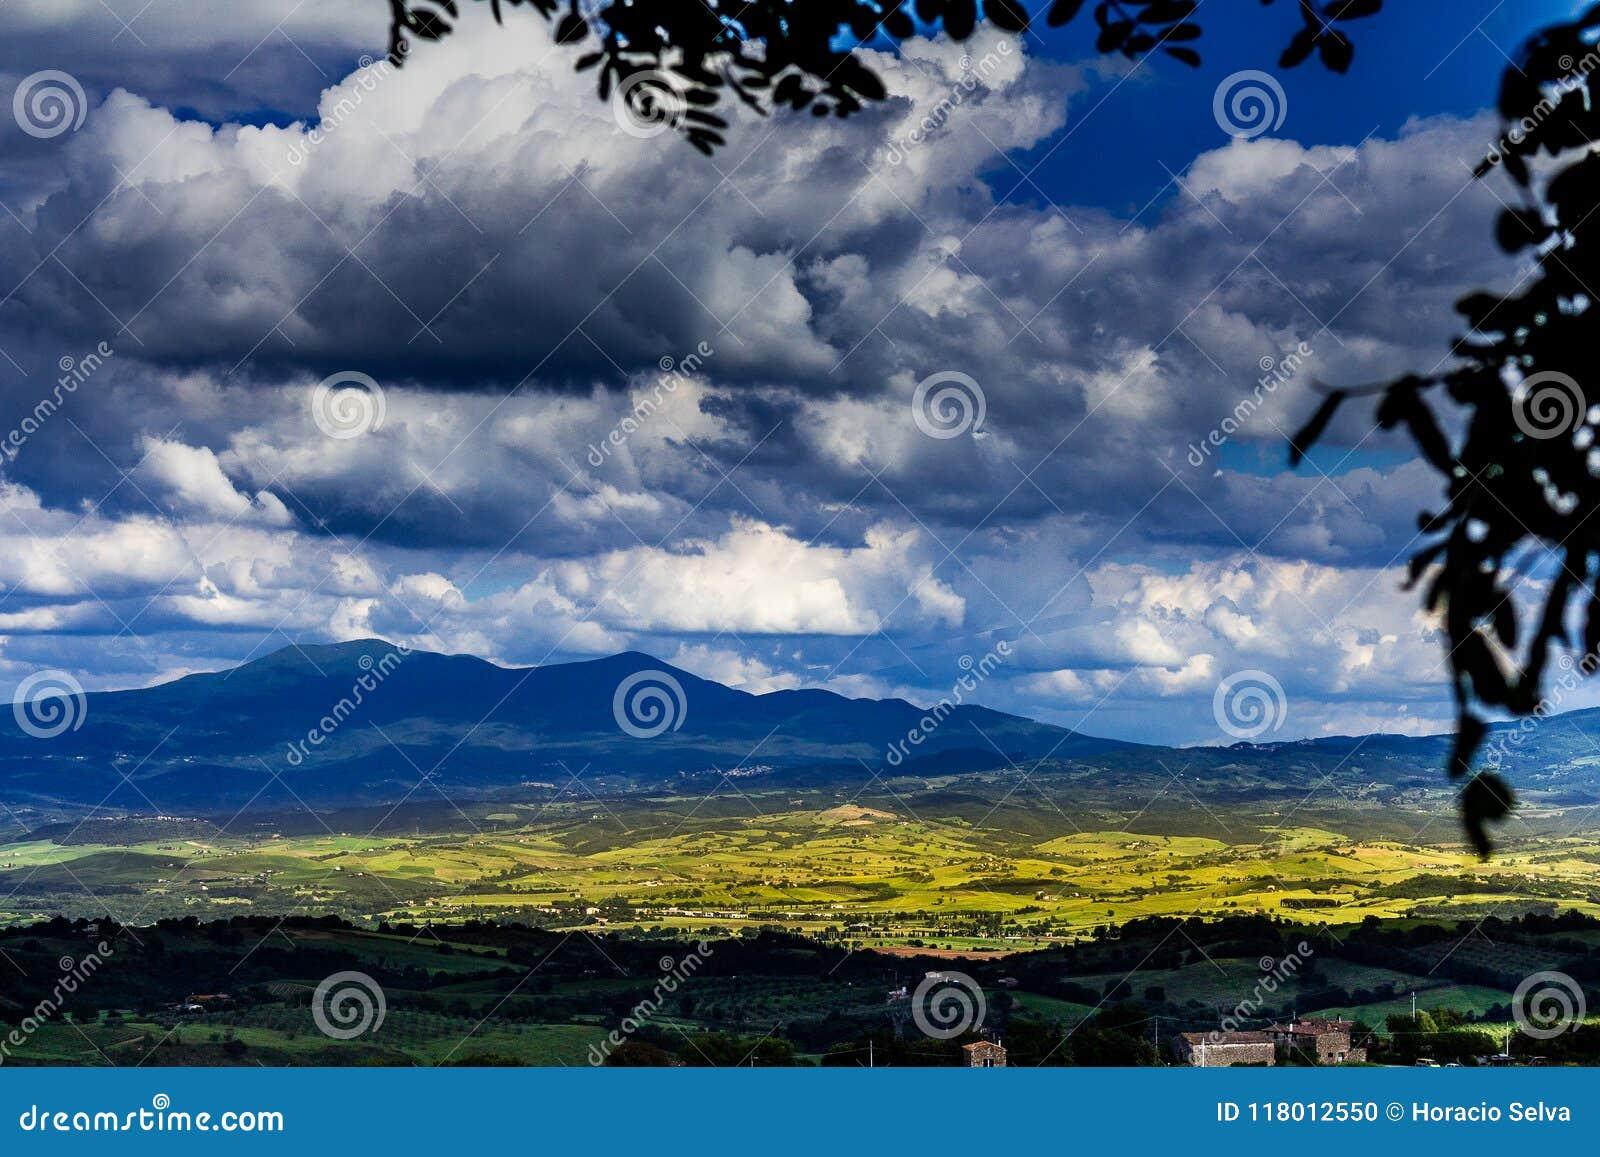 Berge von Toskana Landschaft von bebaute Wiesen